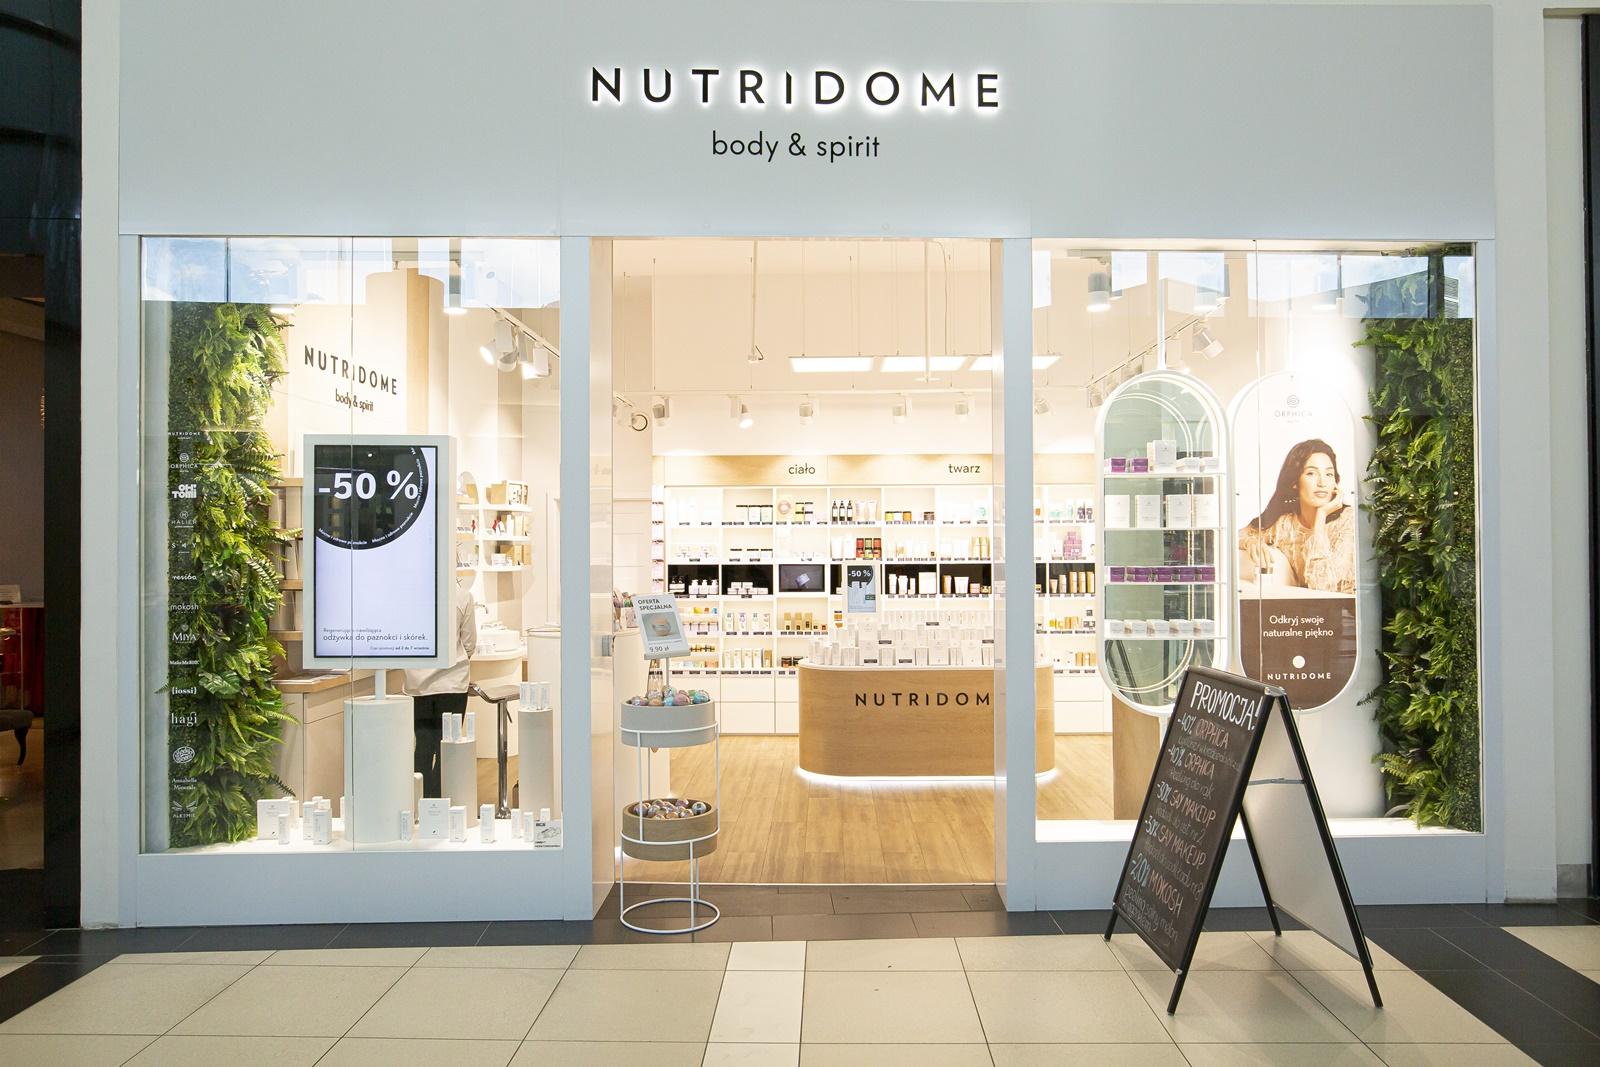 Nutridome - co to za marka i jakie kosmetyki oferuje?